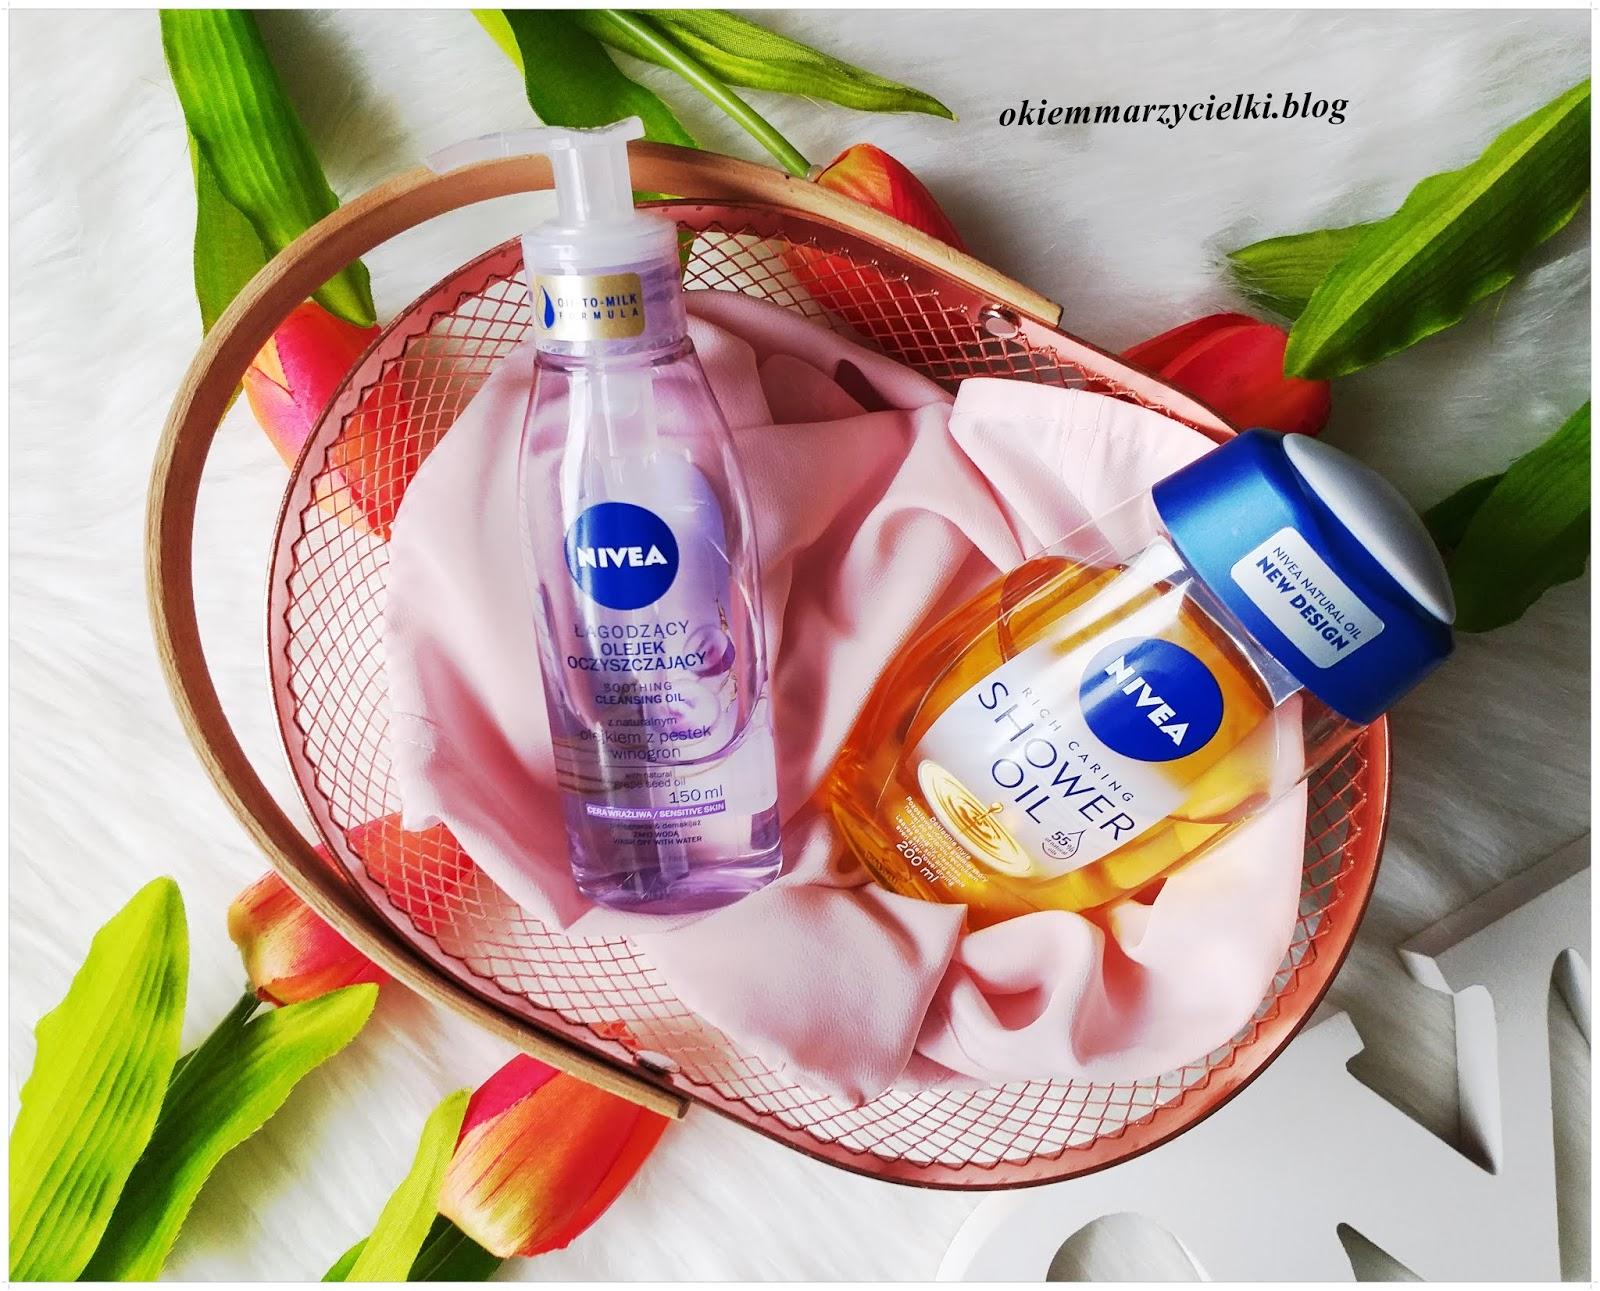 Łagodzący olejek oczyszczający z naturalnym olejkiem z pestek winogron (cera wrażliwa) & Olejek pod prysznic, Nivea- recenzja #128  Olejkowa pielęgnacja z marką Nivea :)